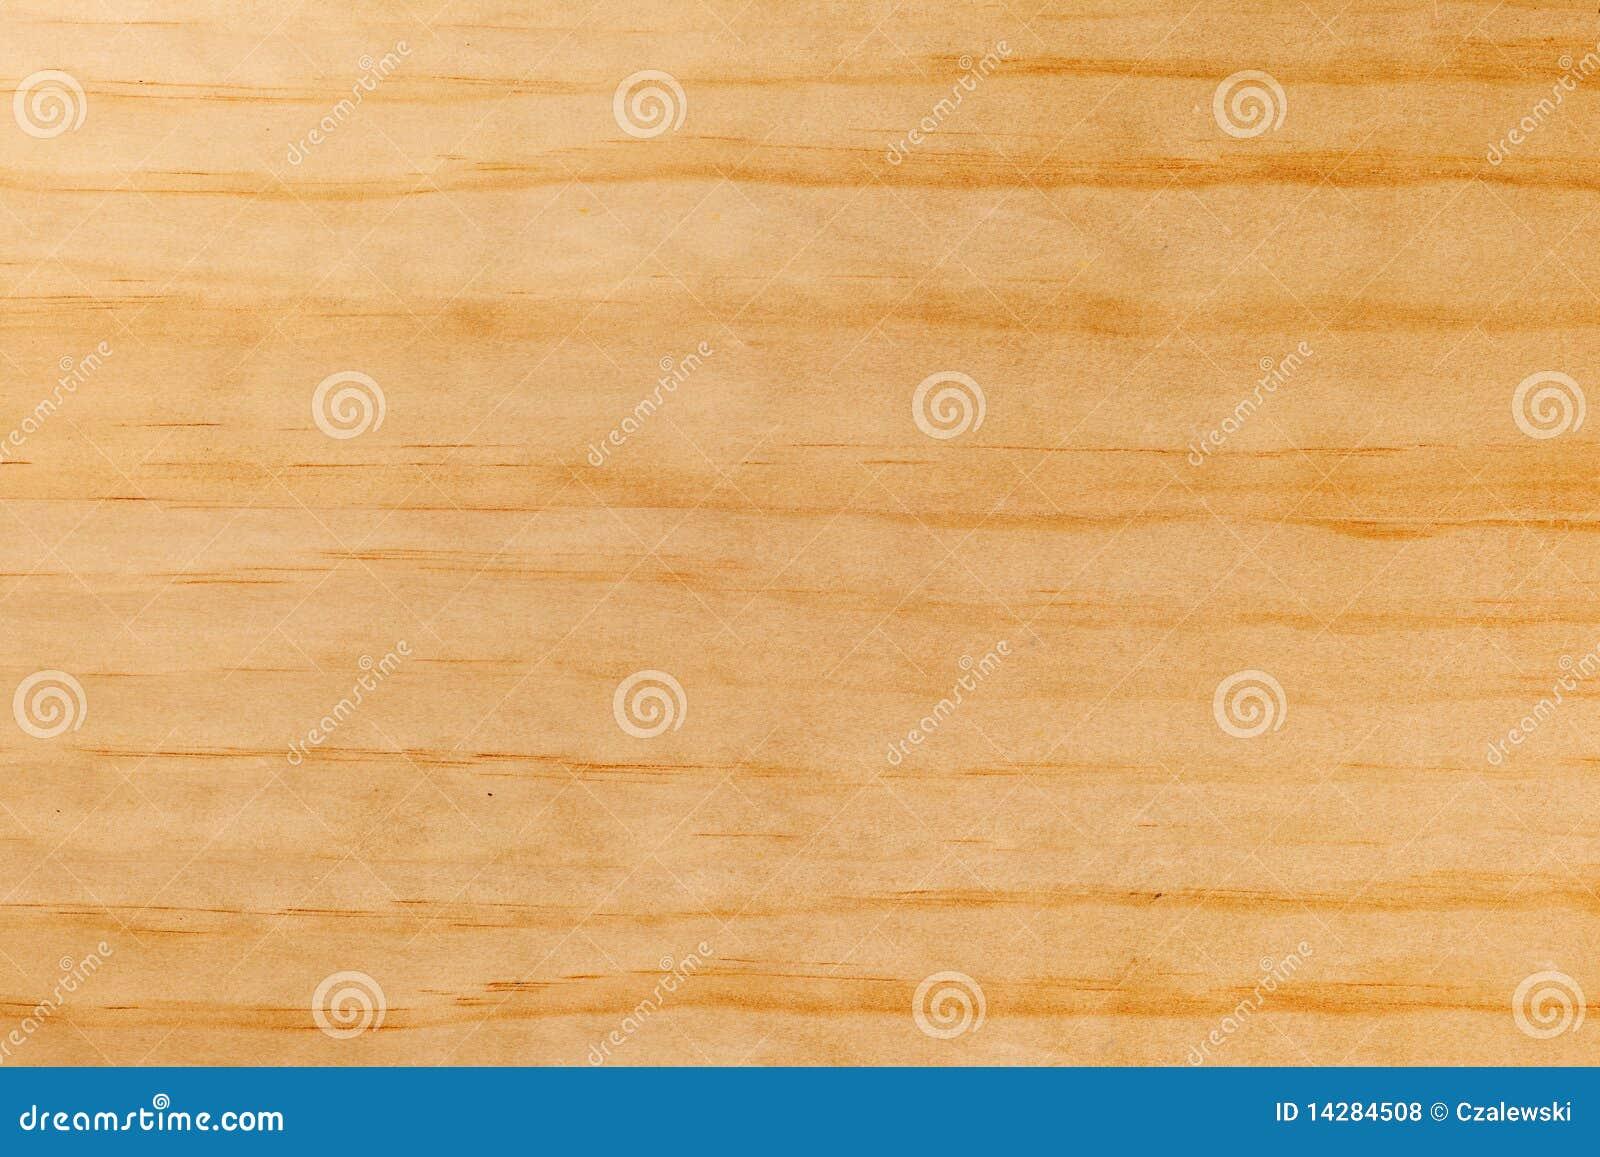 wood background royalty free - photo #7